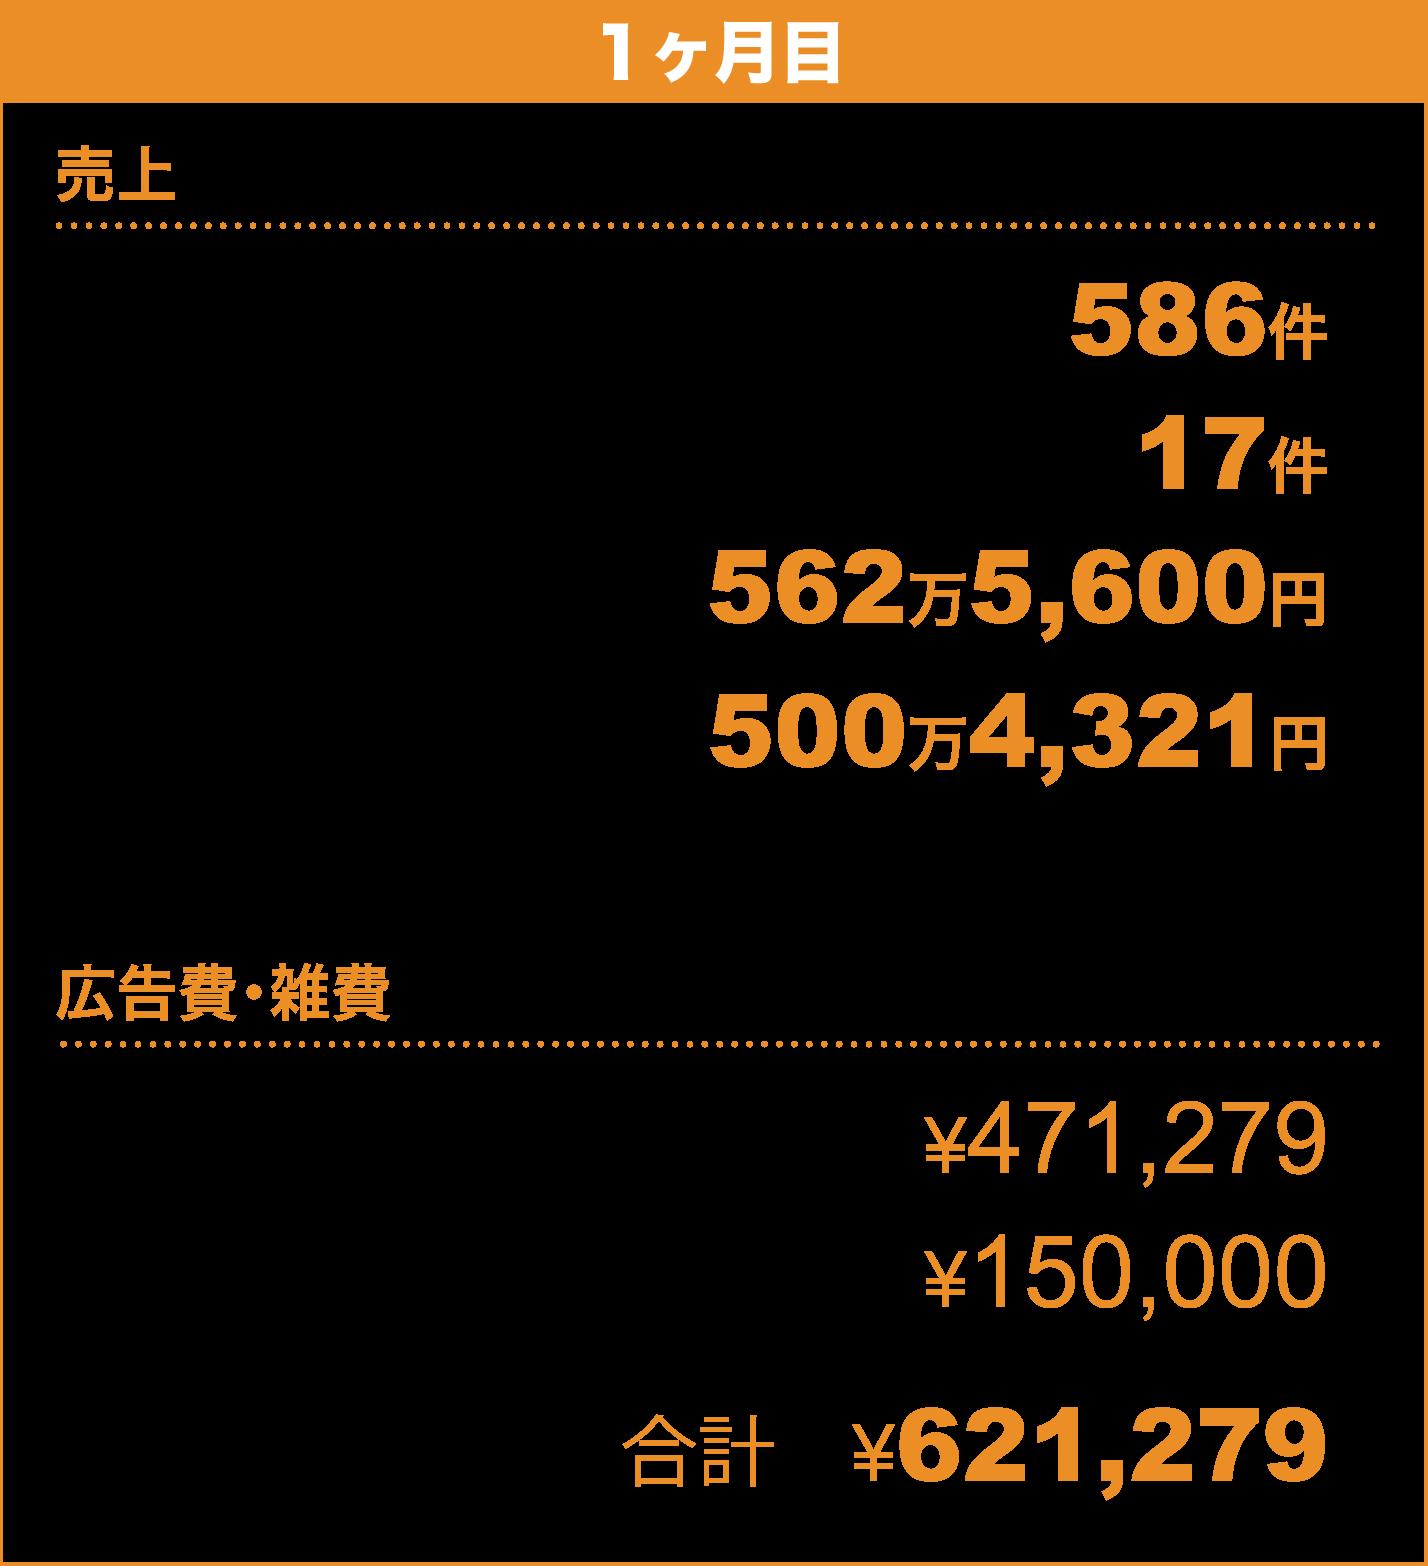 【1ヶ月目】〈売上〉見込み顧客(リード) 586件/売上件数 17件/売上額 562万5,600円/粗利 500万4,321円〈広告費・雑費〉Facebook広告 ¥471,279/その他 ¥150,000/合計 ¥621,279